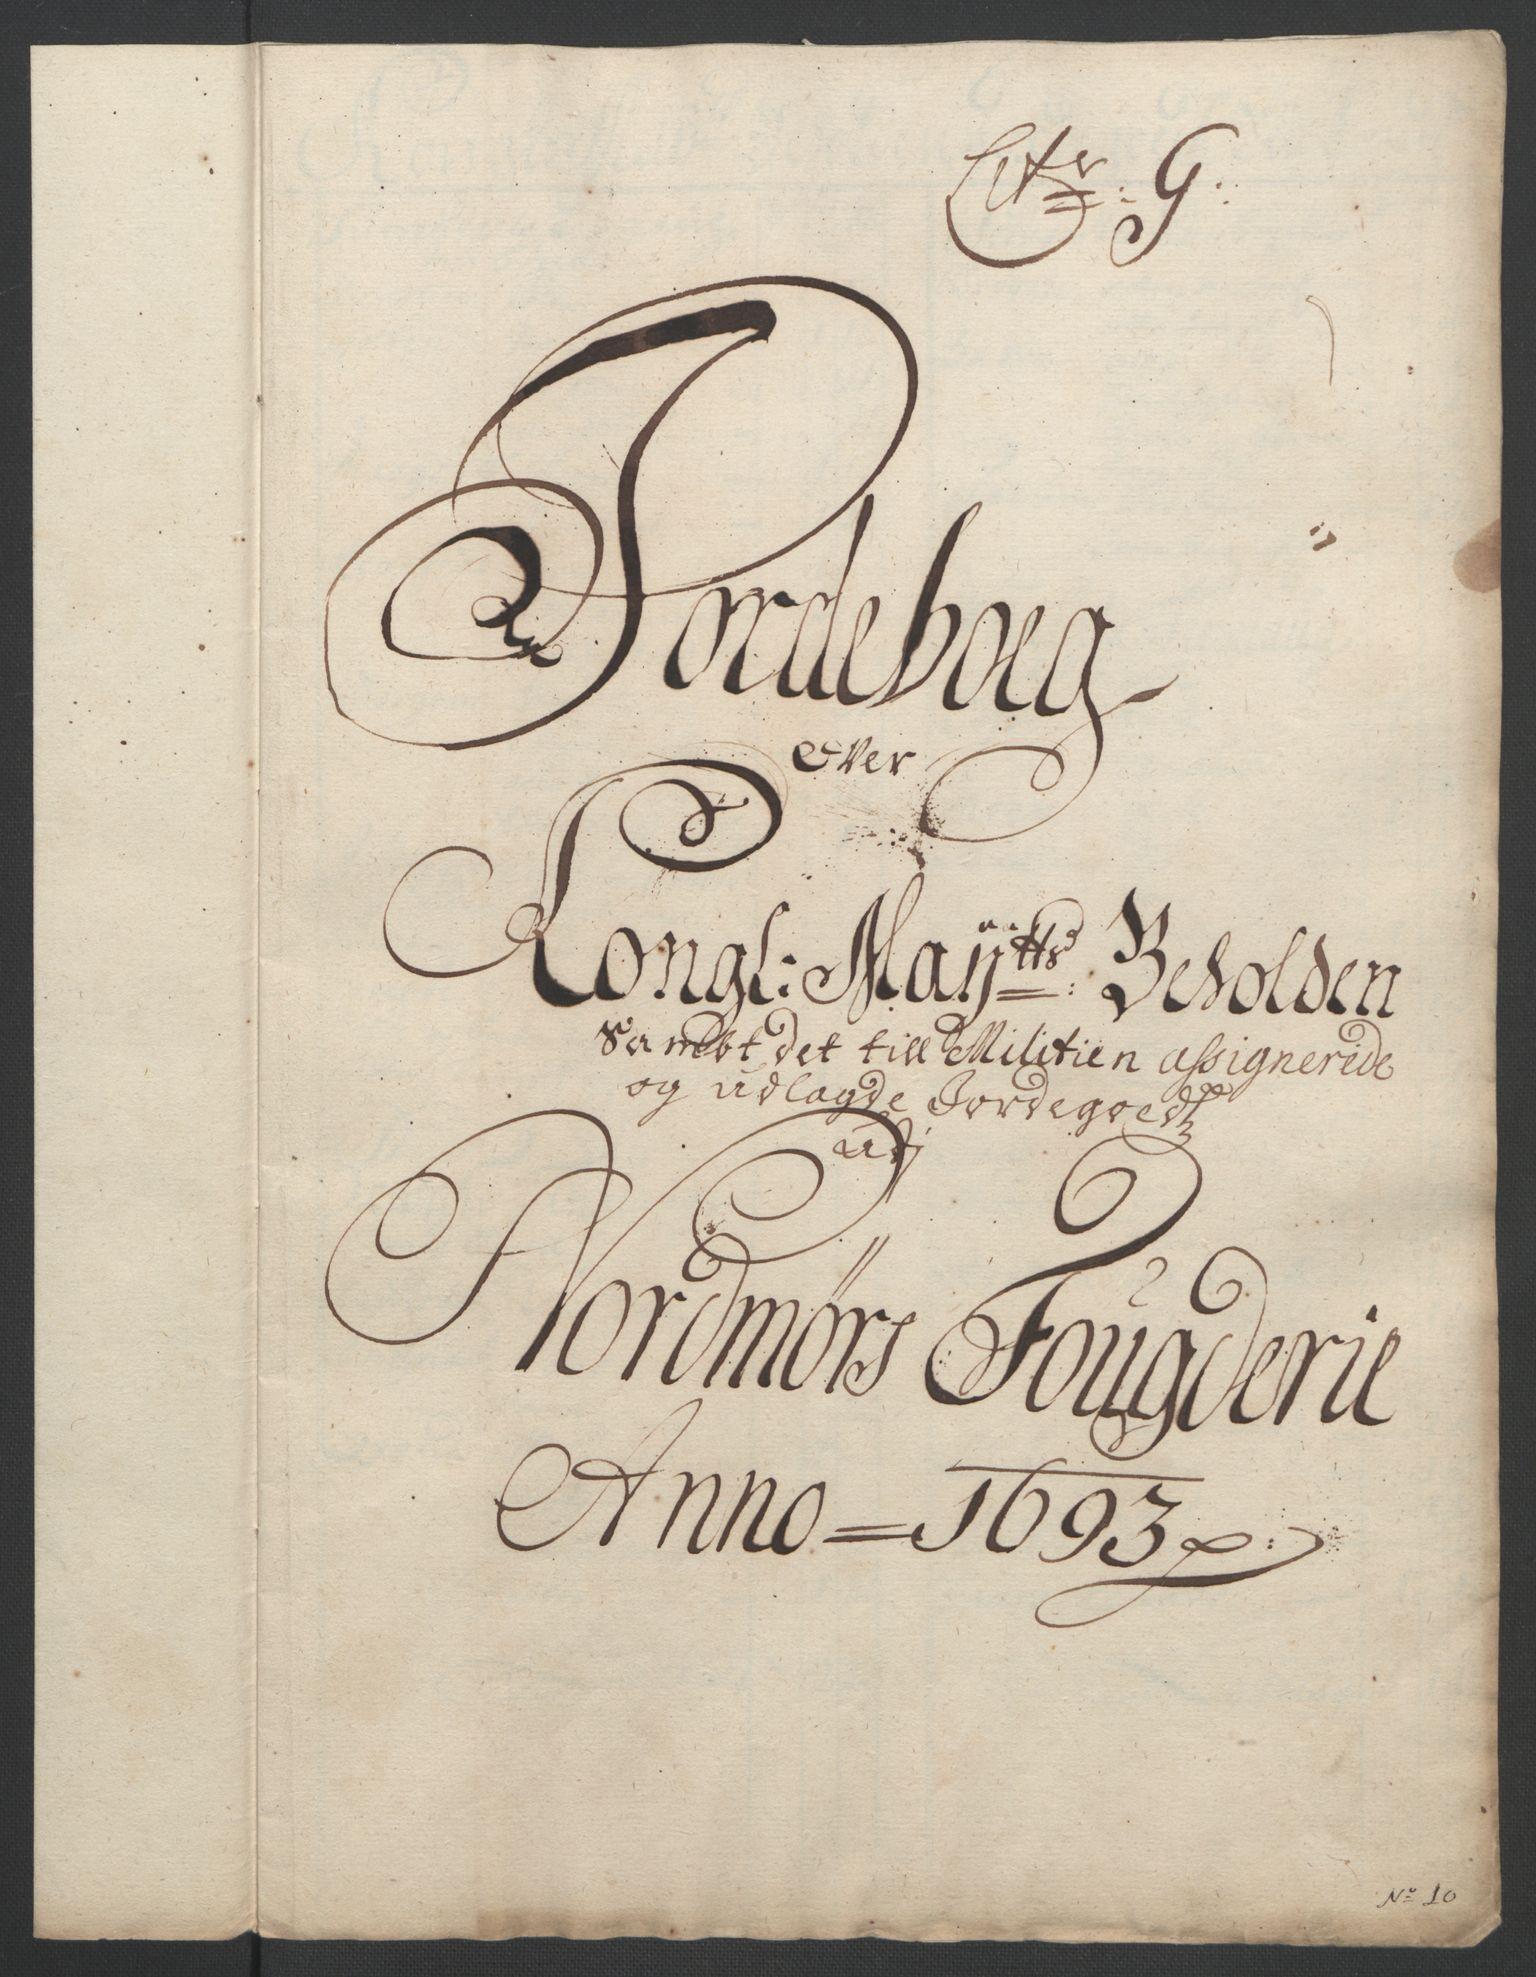 RA, Rentekammeret inntil 1814, Reviderte regnskaper, Fogderegnskap, R56/L3735: Fogderegnskap Nordmøre, 1692-1693, s. 362